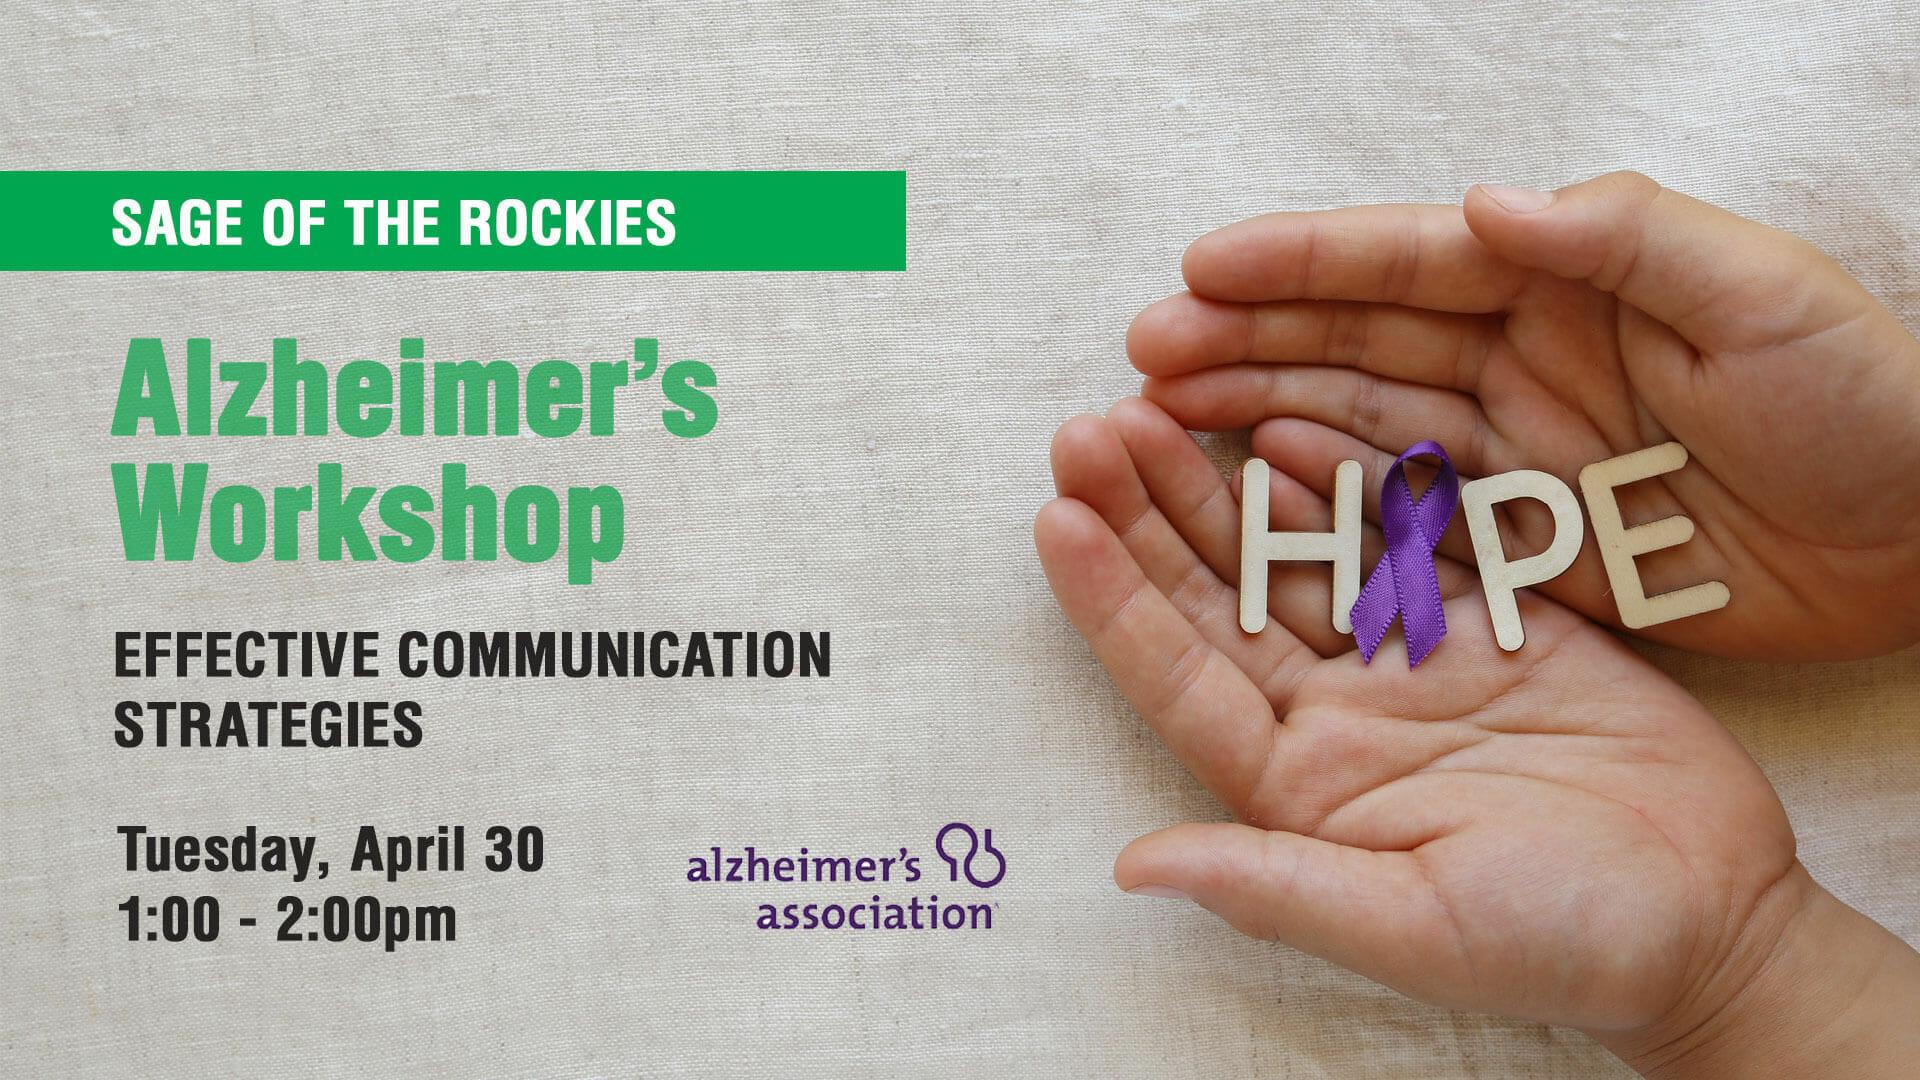 Alzheimer's Workshop: Effective Communication Strategies